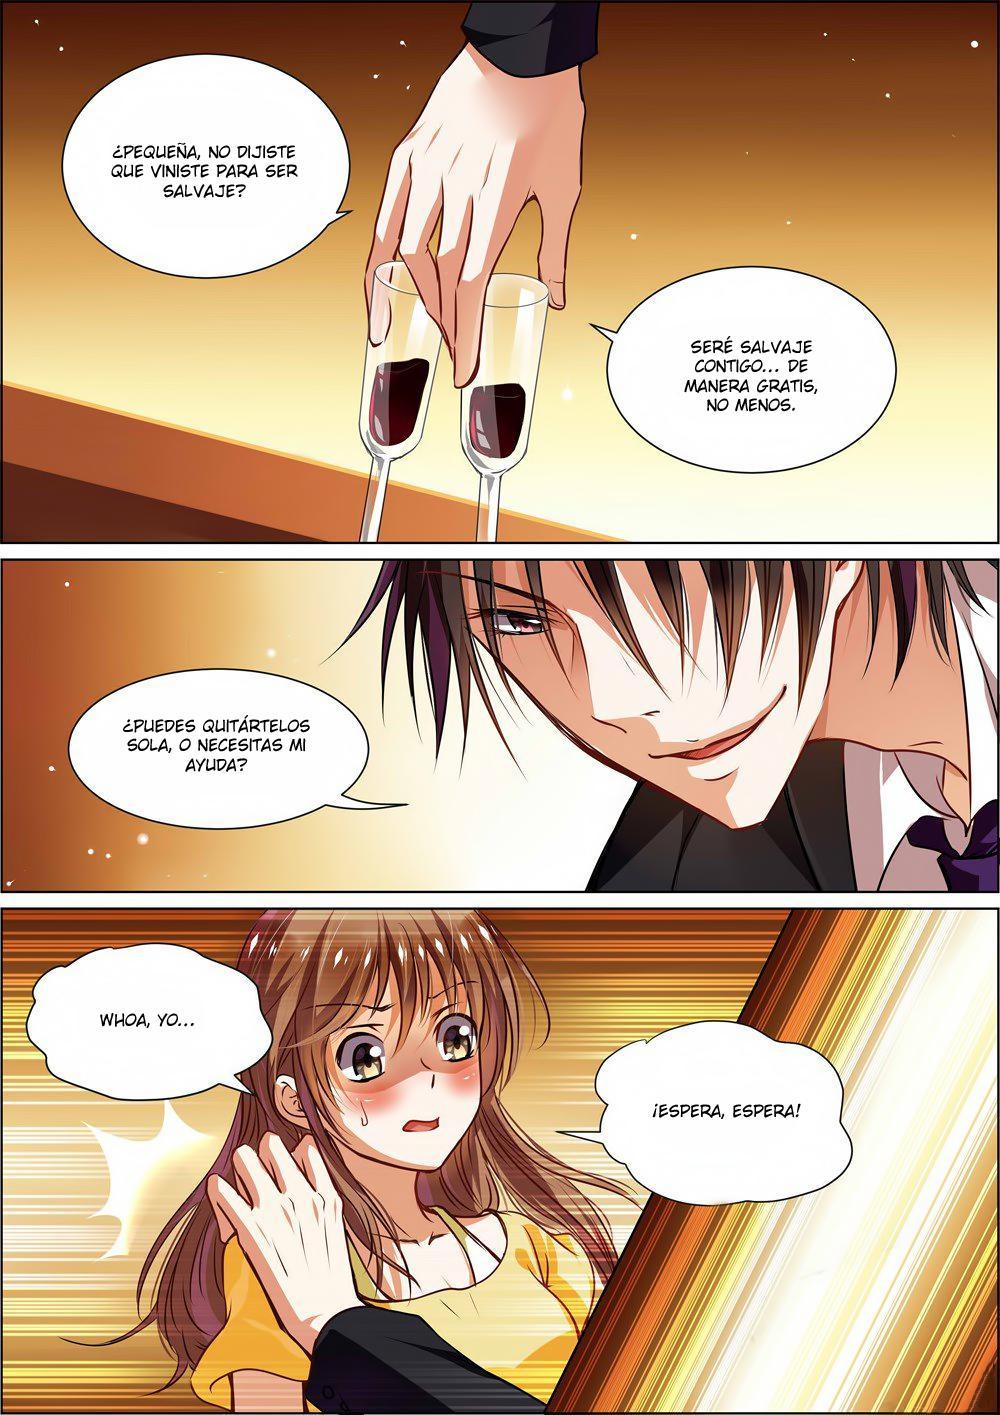 http://c5.ninemanga.com/es_manga/5/16069/385054/4b3acf483fac3b2baaad311f1cef9674.jpg Page 8